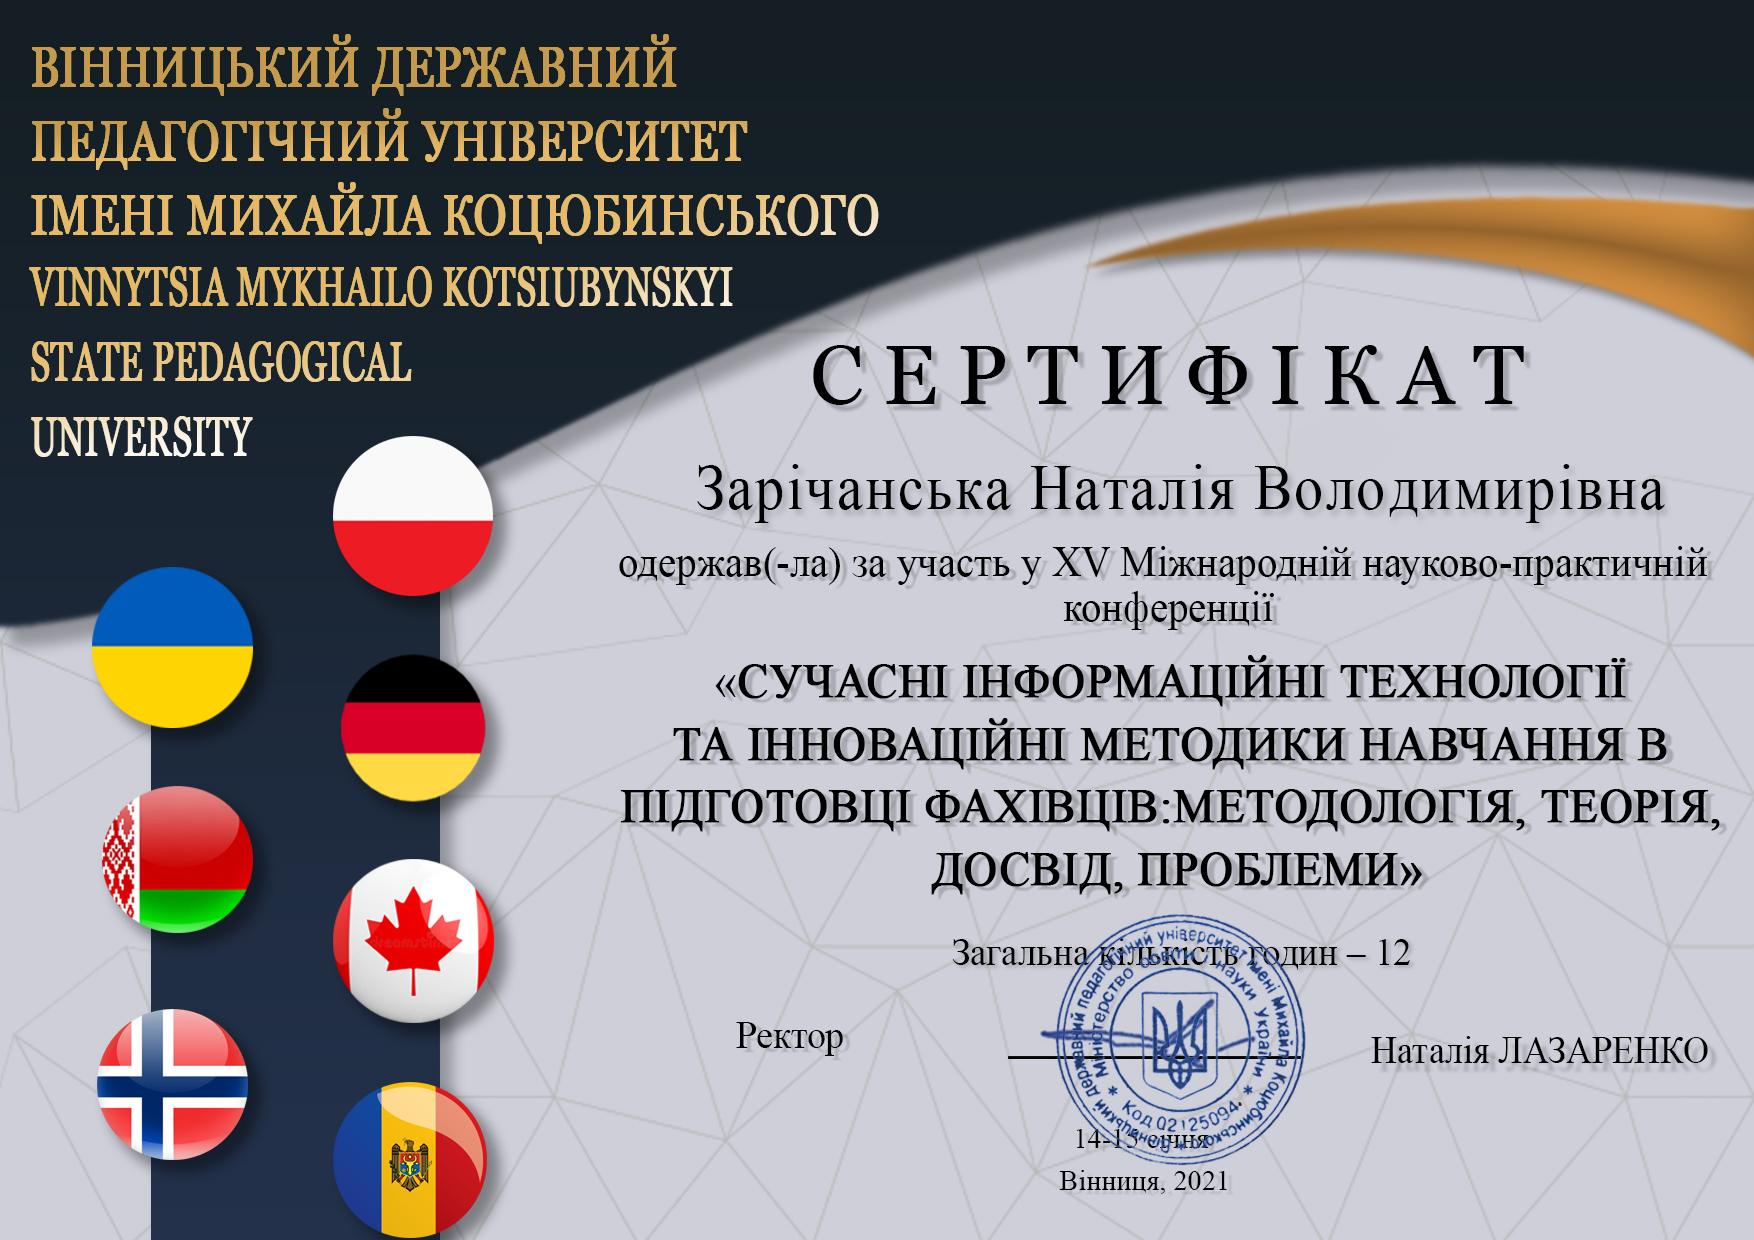 Зарічанська Наталія Володимирівна